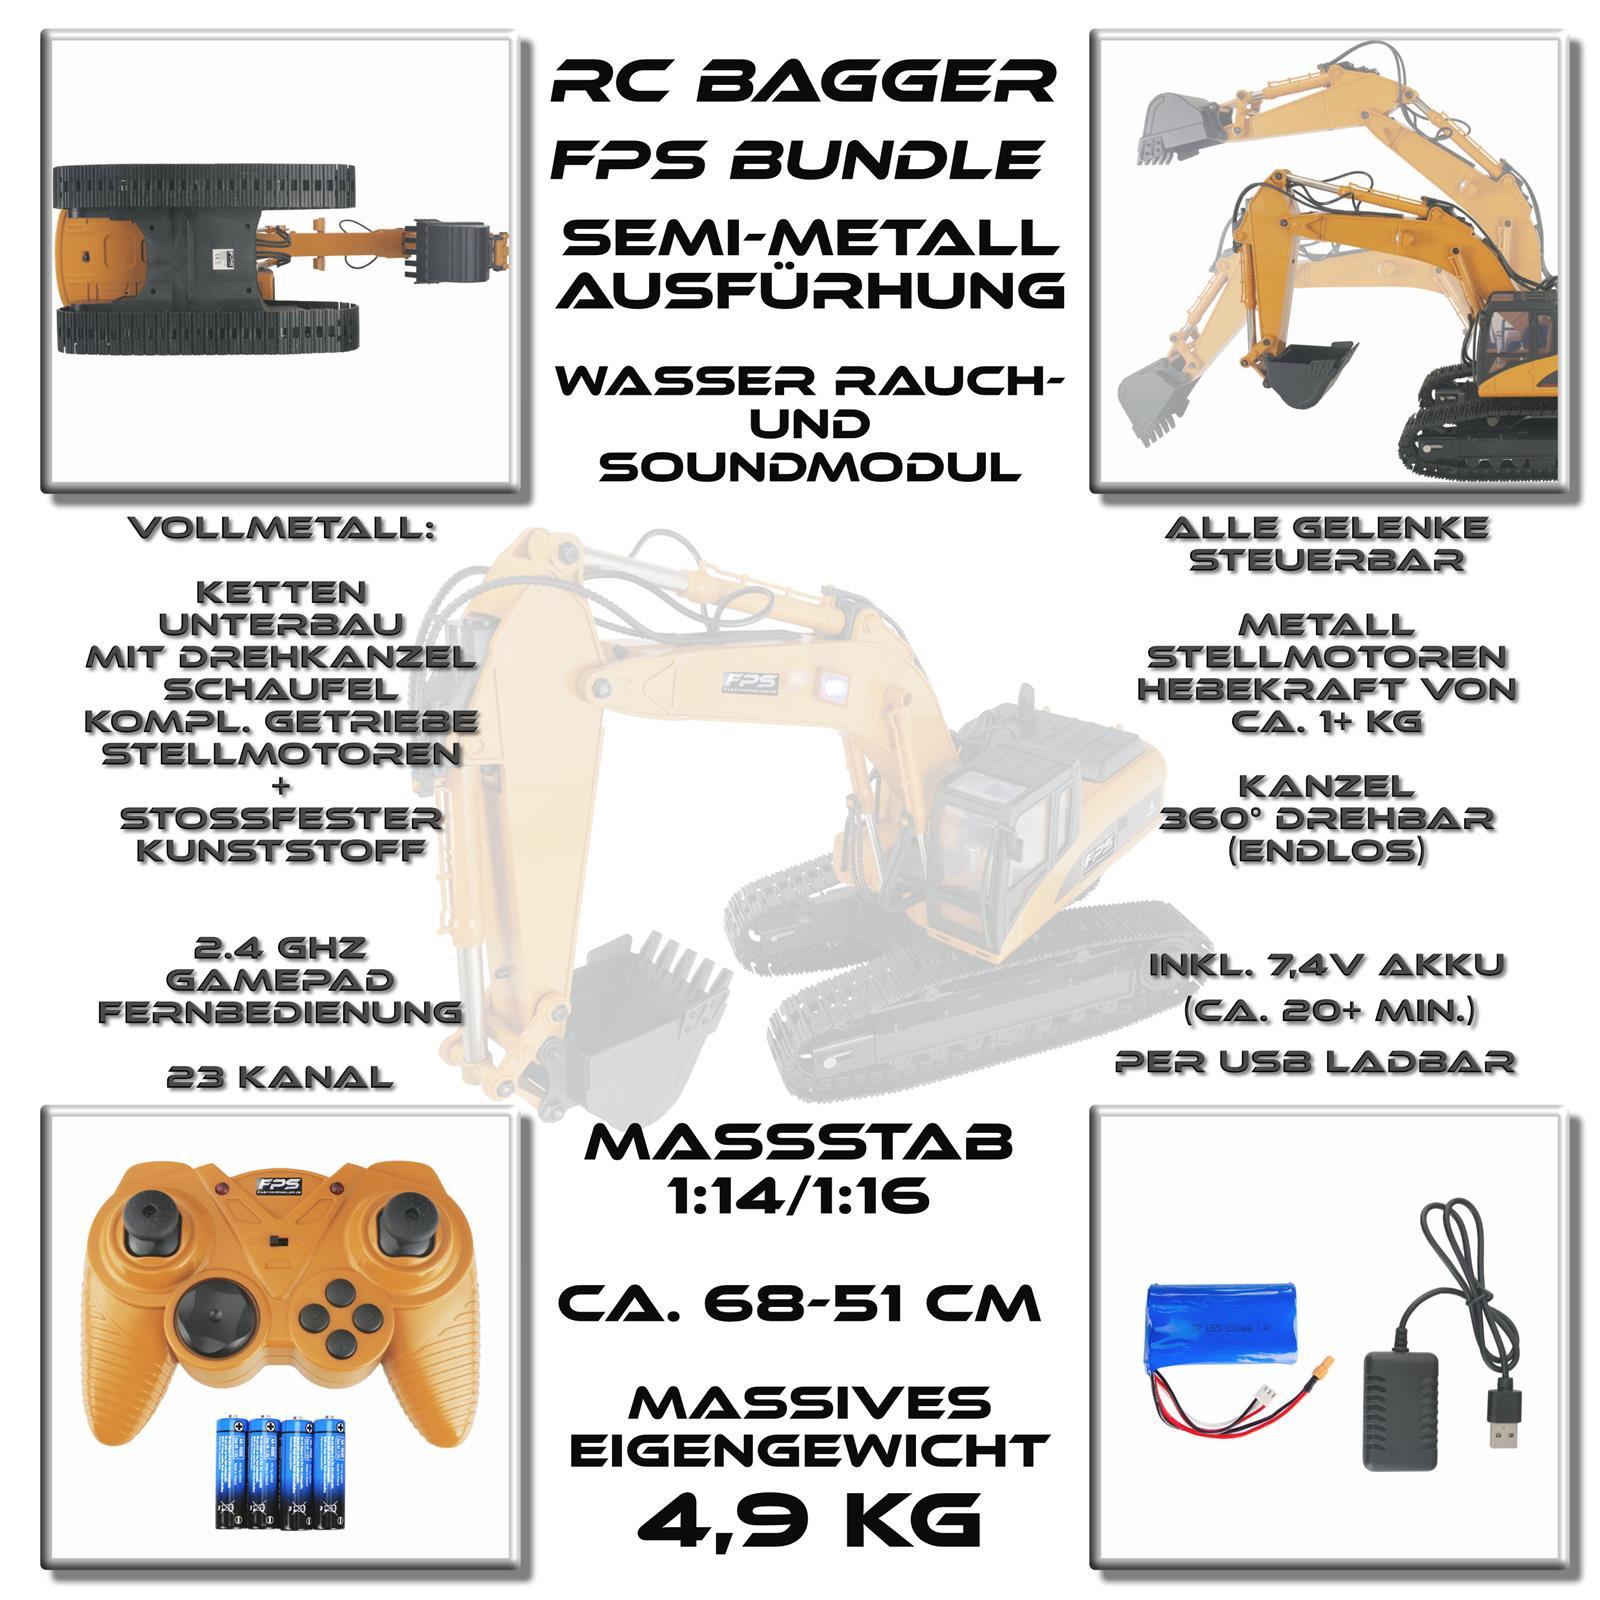 FPS Bundle RC Bagger 1:14 Highlights